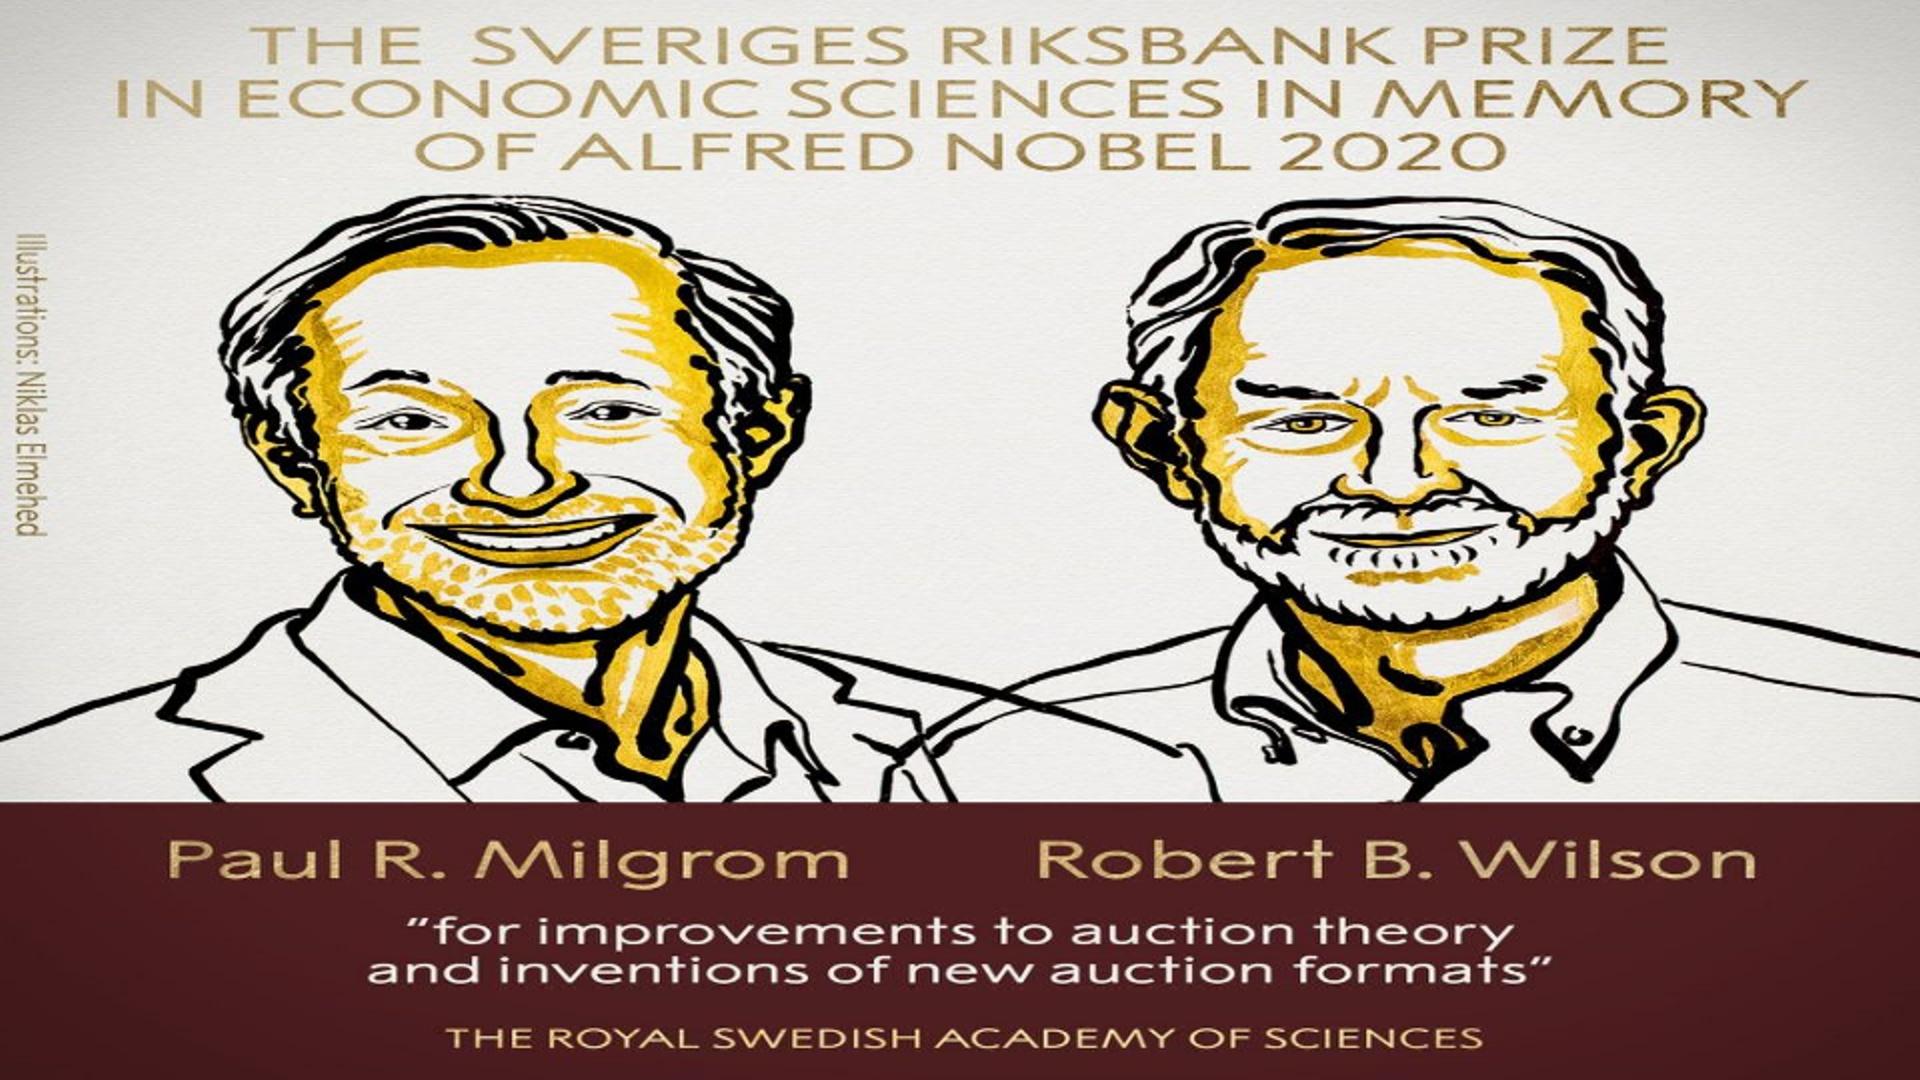 2020-ci il üzrə İqtisadiyyat sahəsində Nobel mükafatı laureatlarının adları açıqlanıb